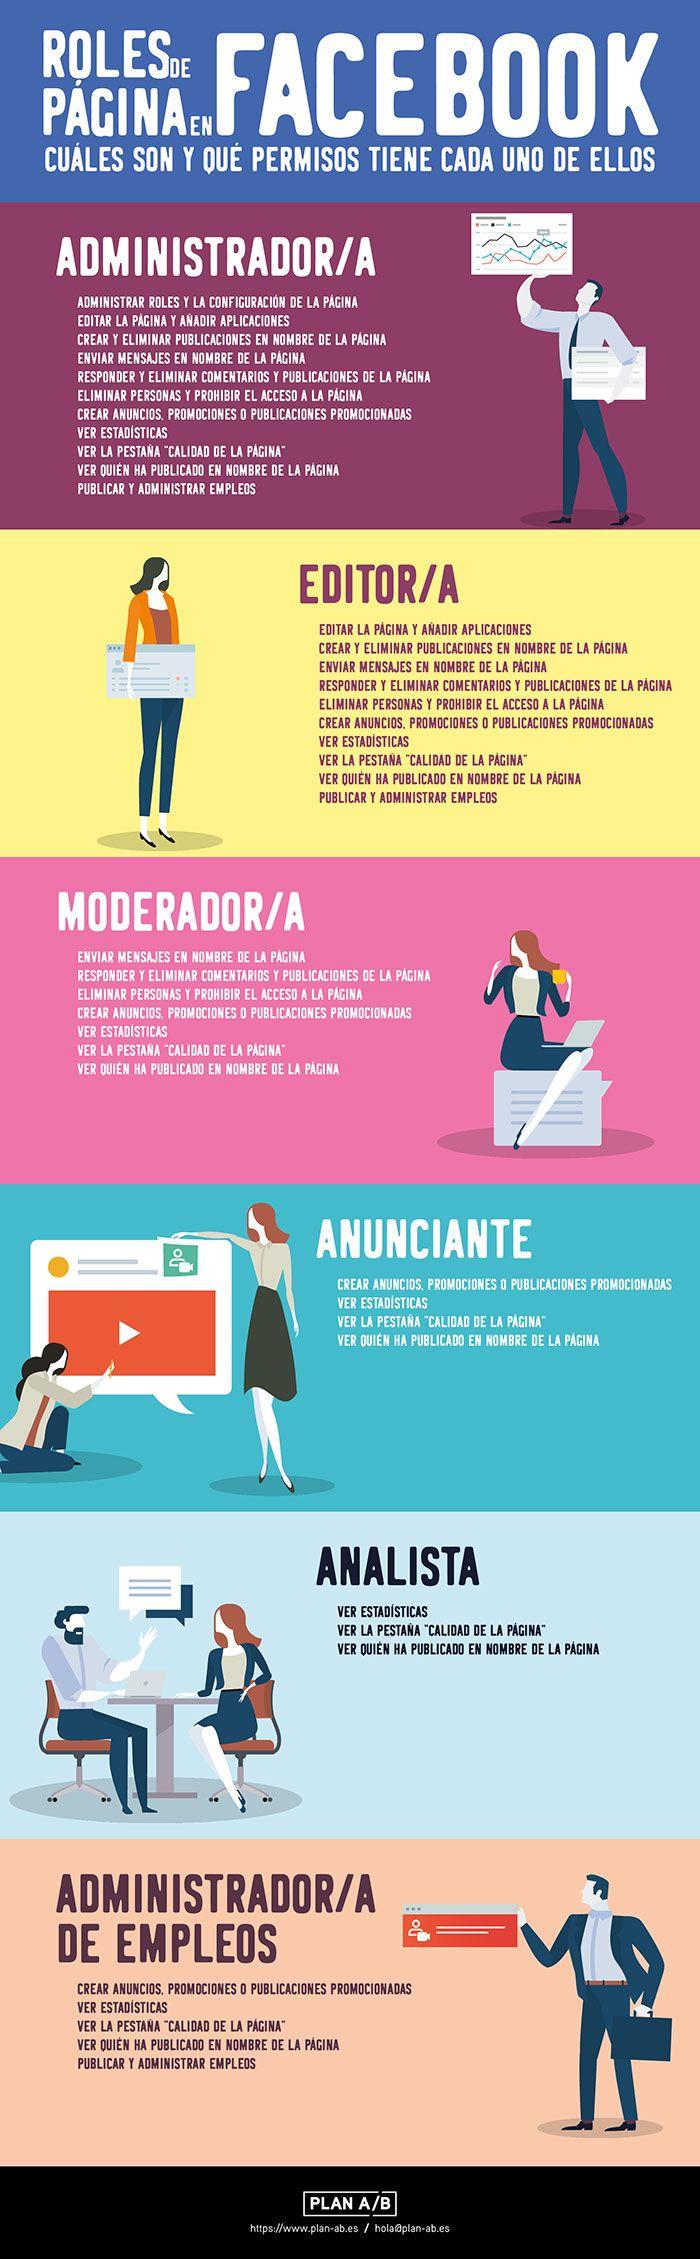 Infografía roles de página en Facebook